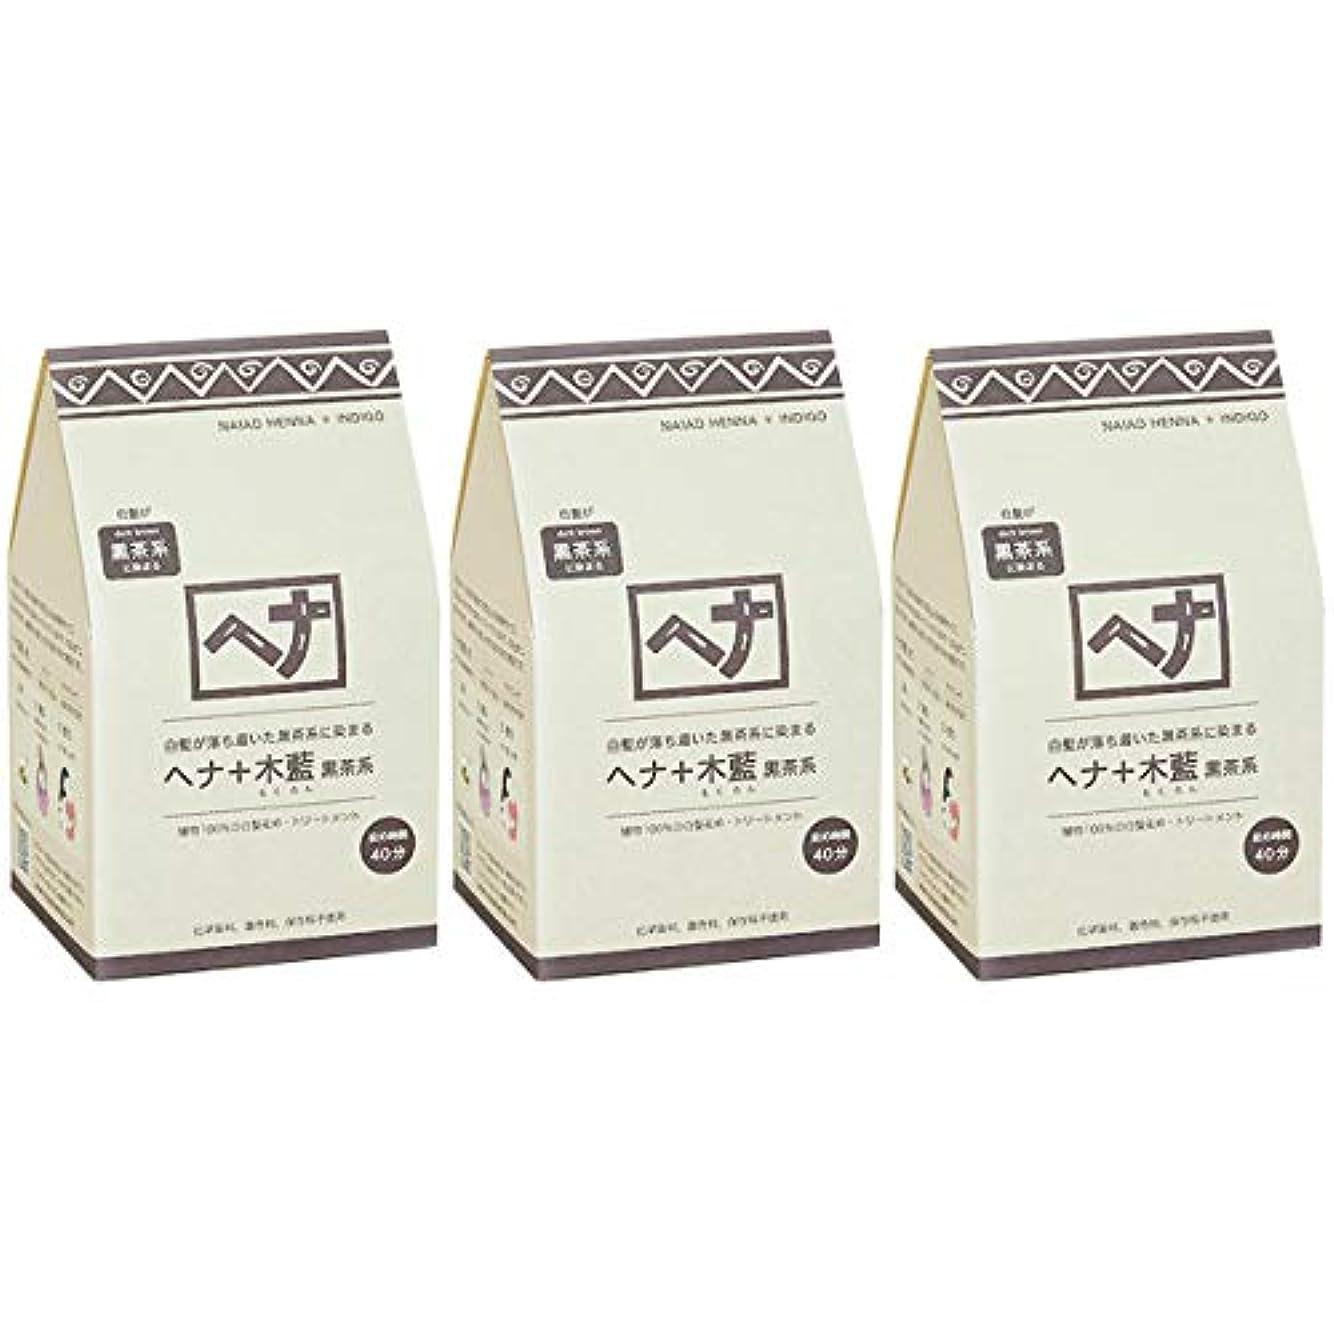 オーク歴史的男やもめナイアード ヘナ + 木藍 黒茶系 白髪が落ち着いた黒茶系に染まる 400g 3個セット